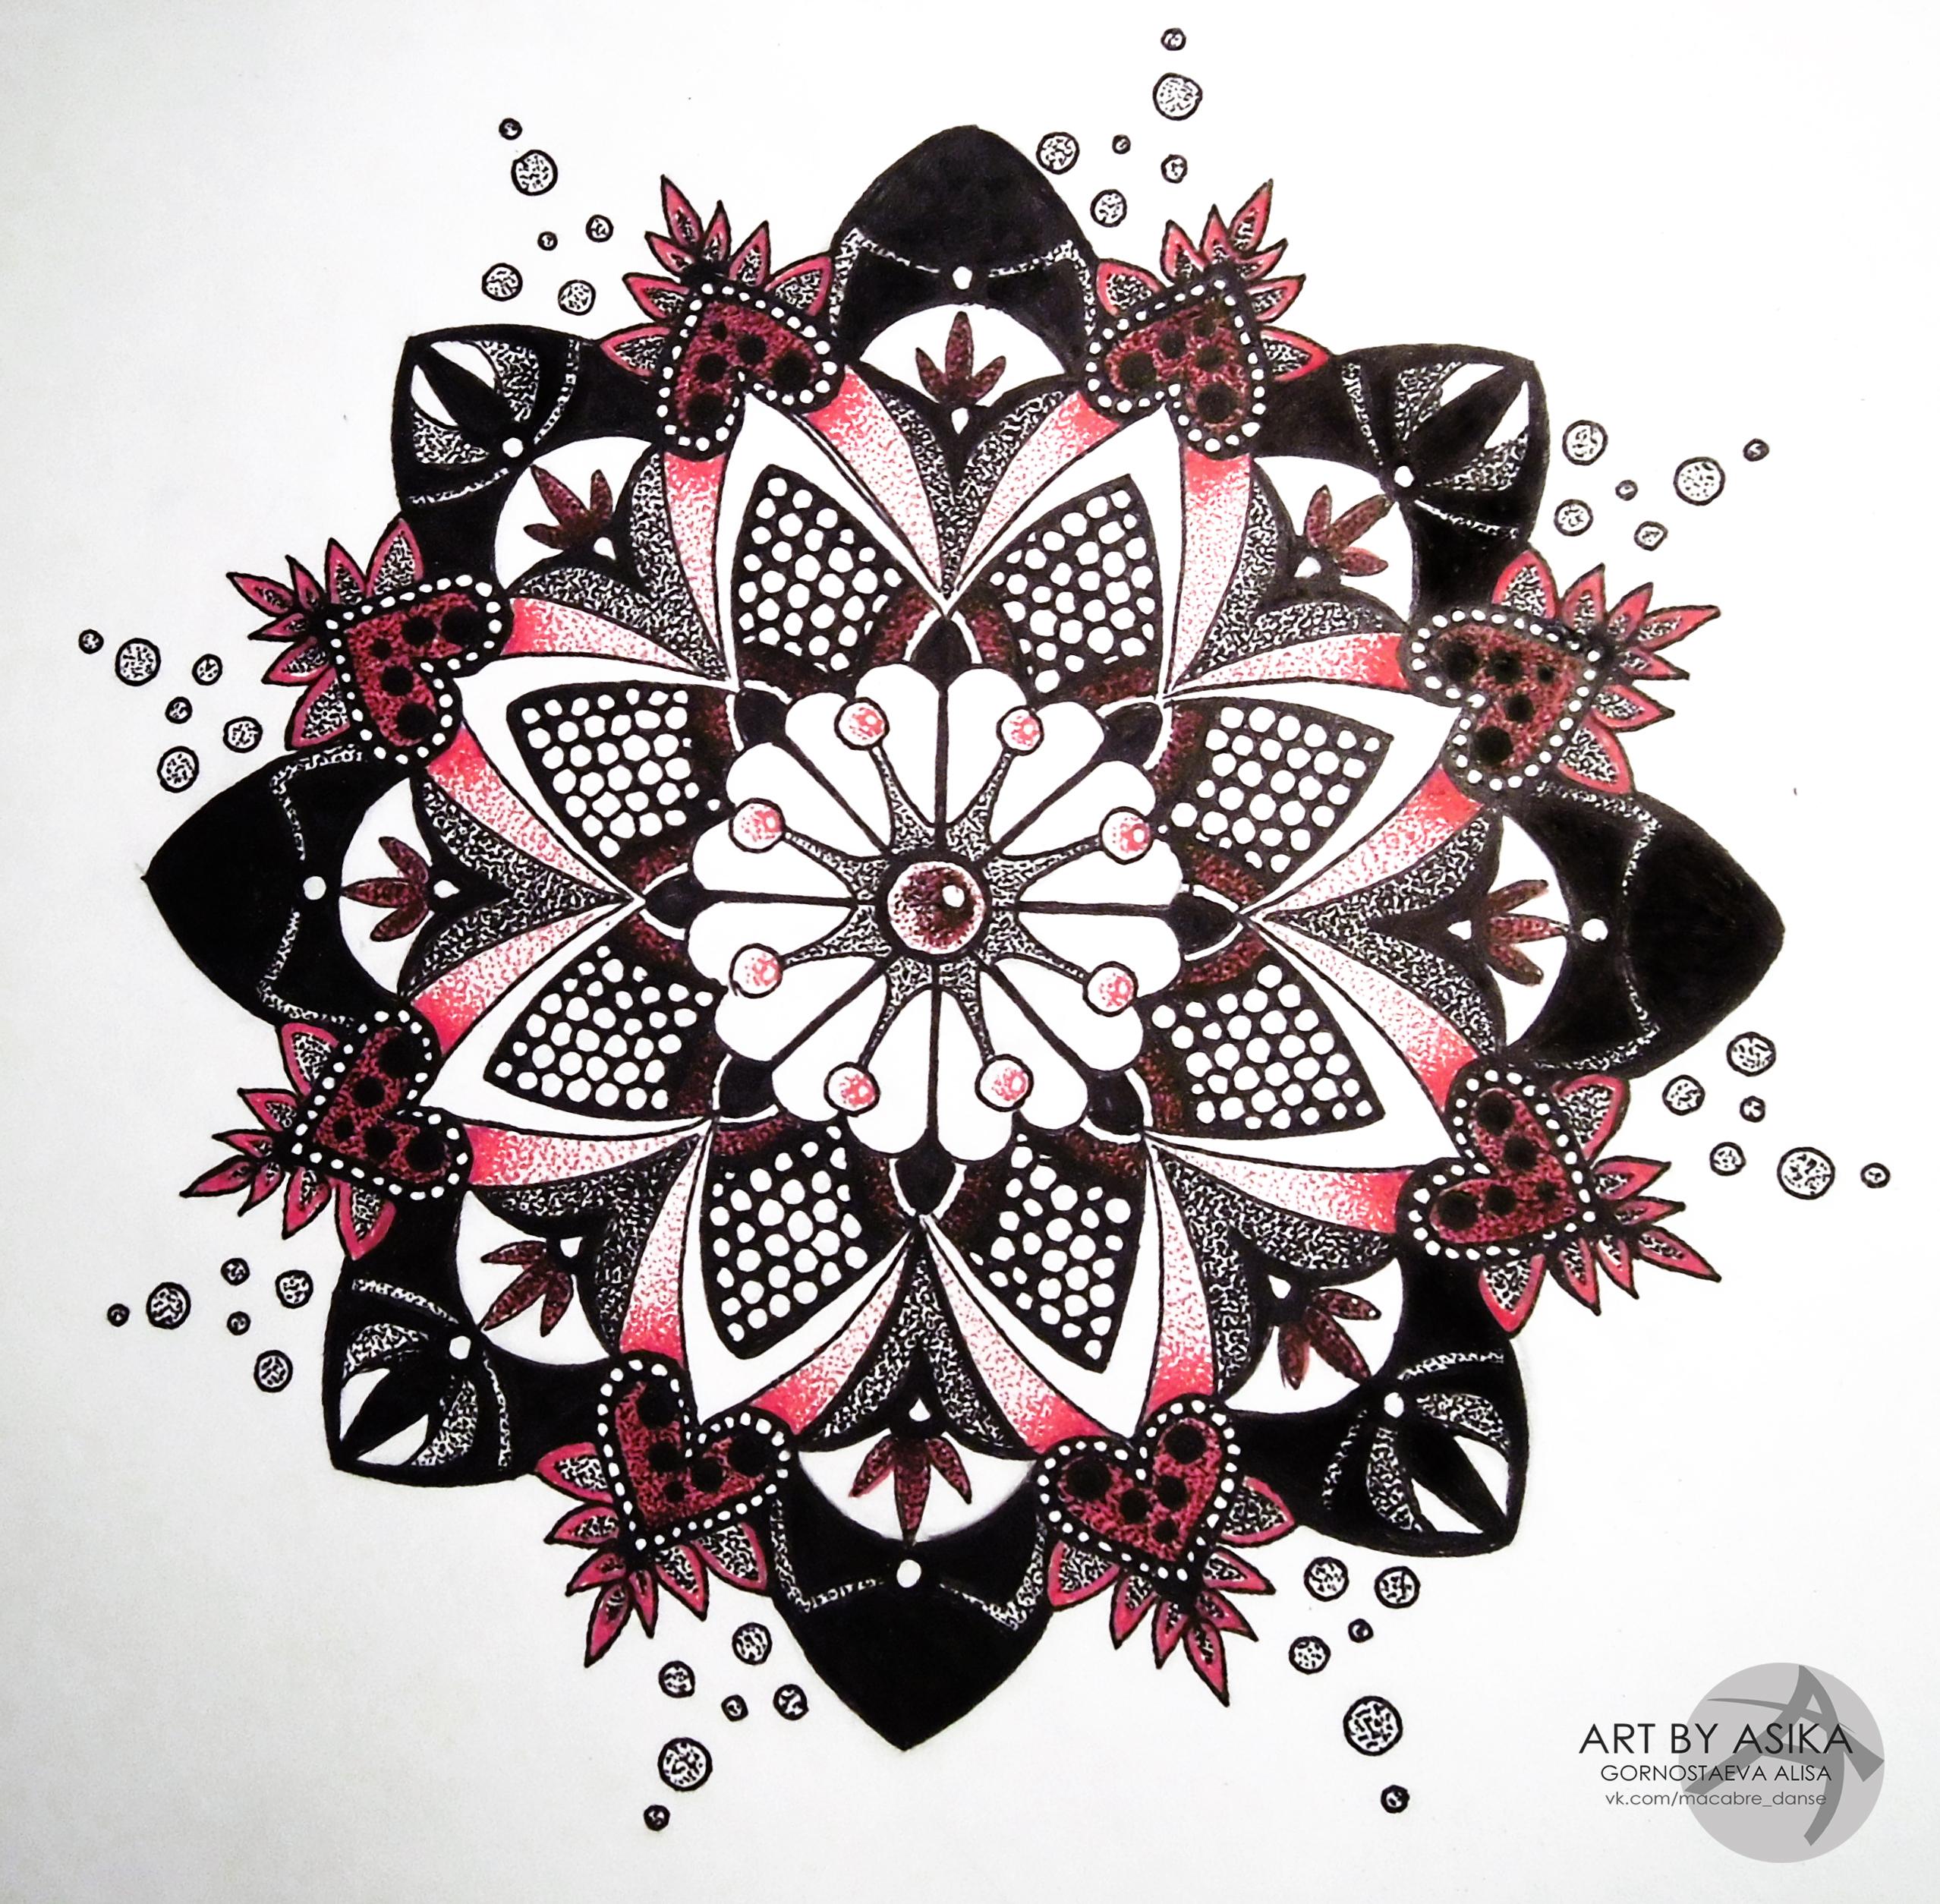 Красивый эскиз татуировки мандала в стиле дотворк